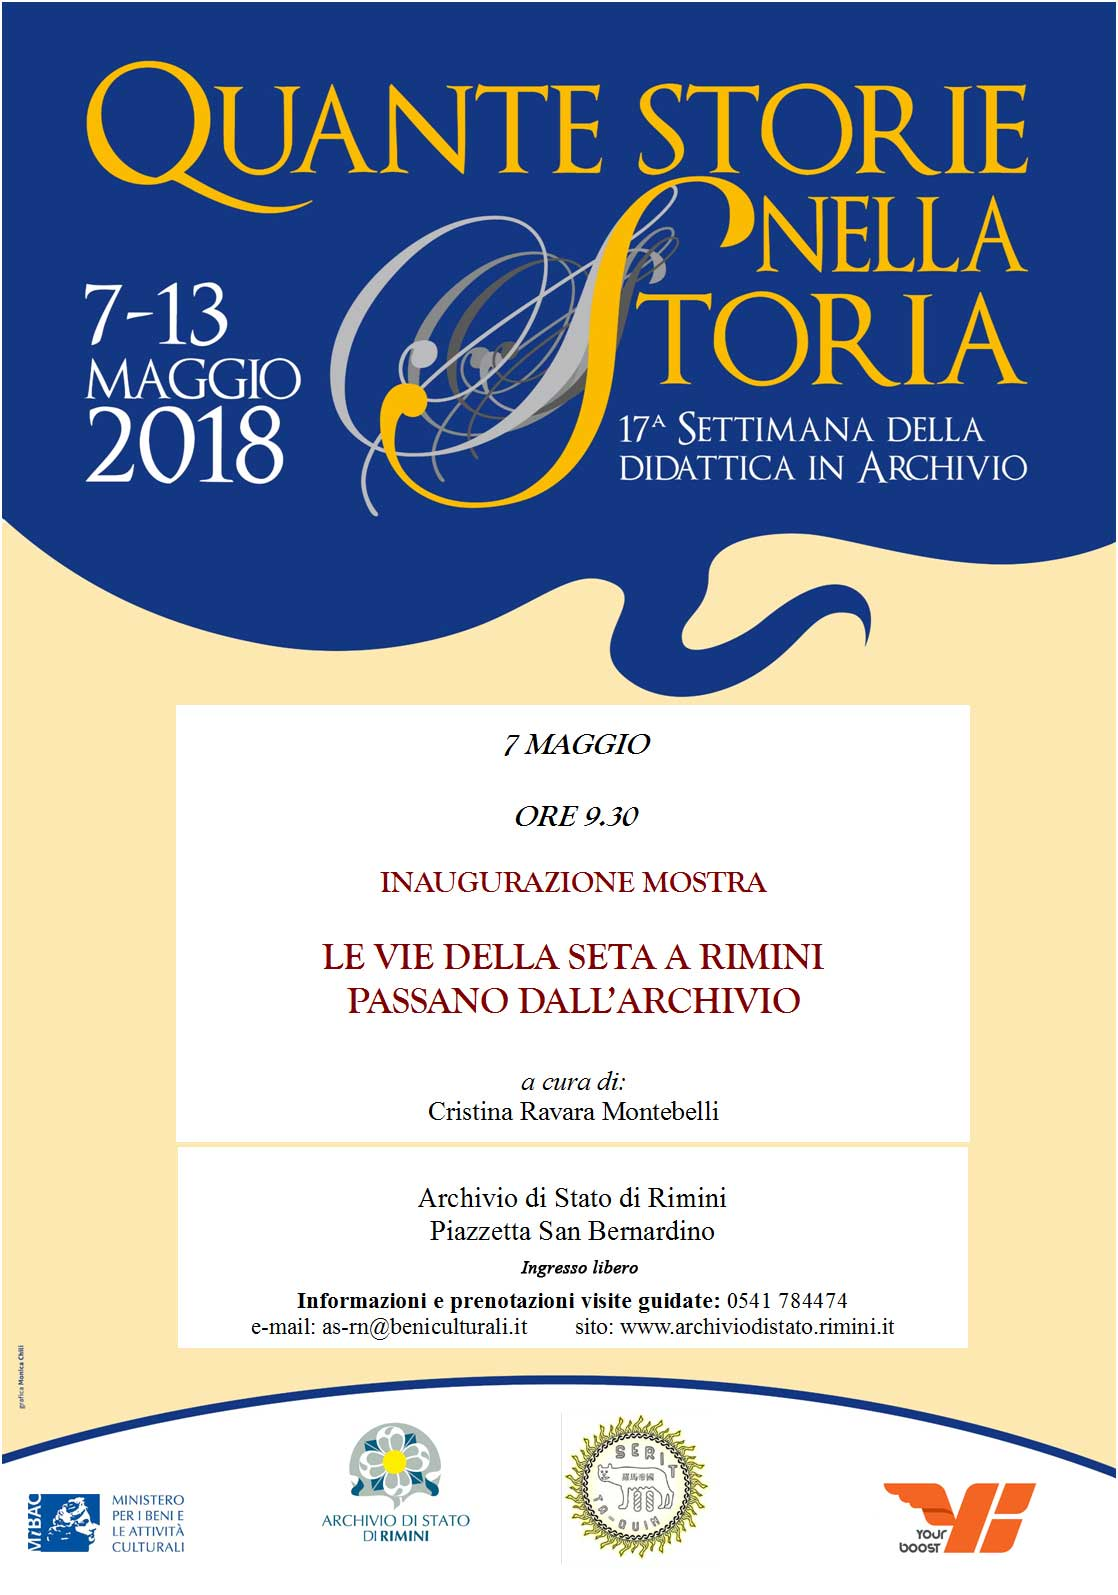 """Mostra curata da Cristina Ravara Montebelli """"Le vie della seta a Rimini passano dall'Archivio"""", presso l'Archivio di Stato di Rimini 7 maggio 2018"""